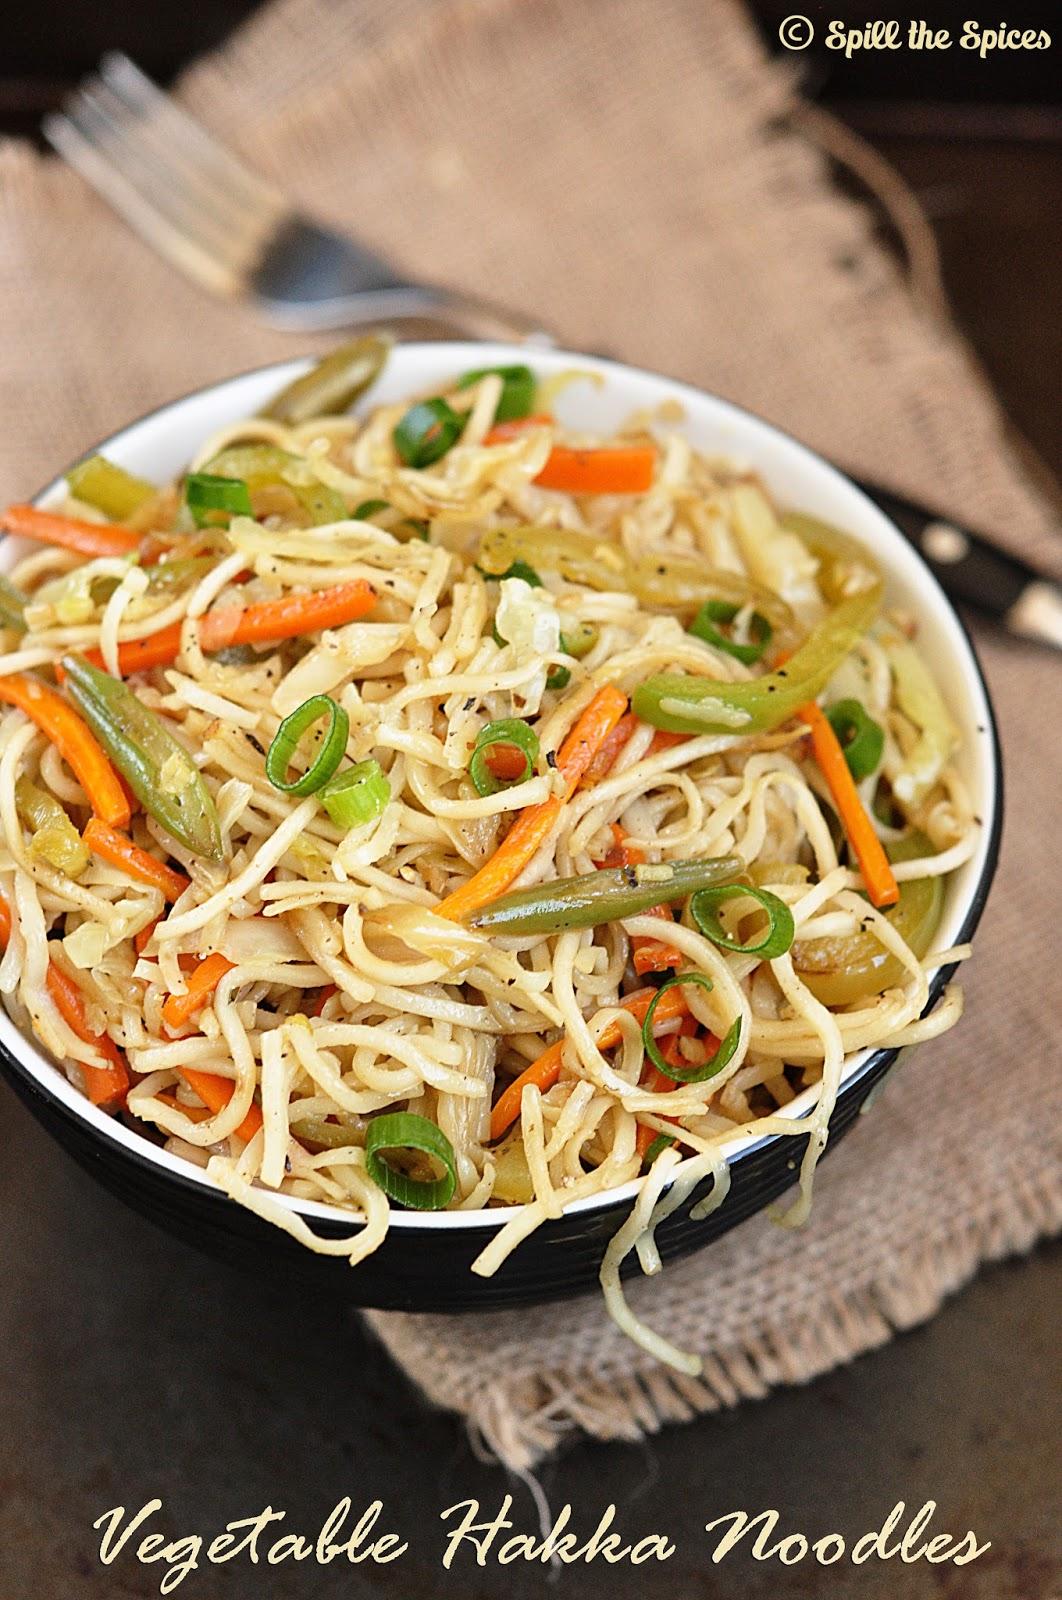 Vegetable hakka noodles spill the spices vegetable hakka noodles forumfinder Images